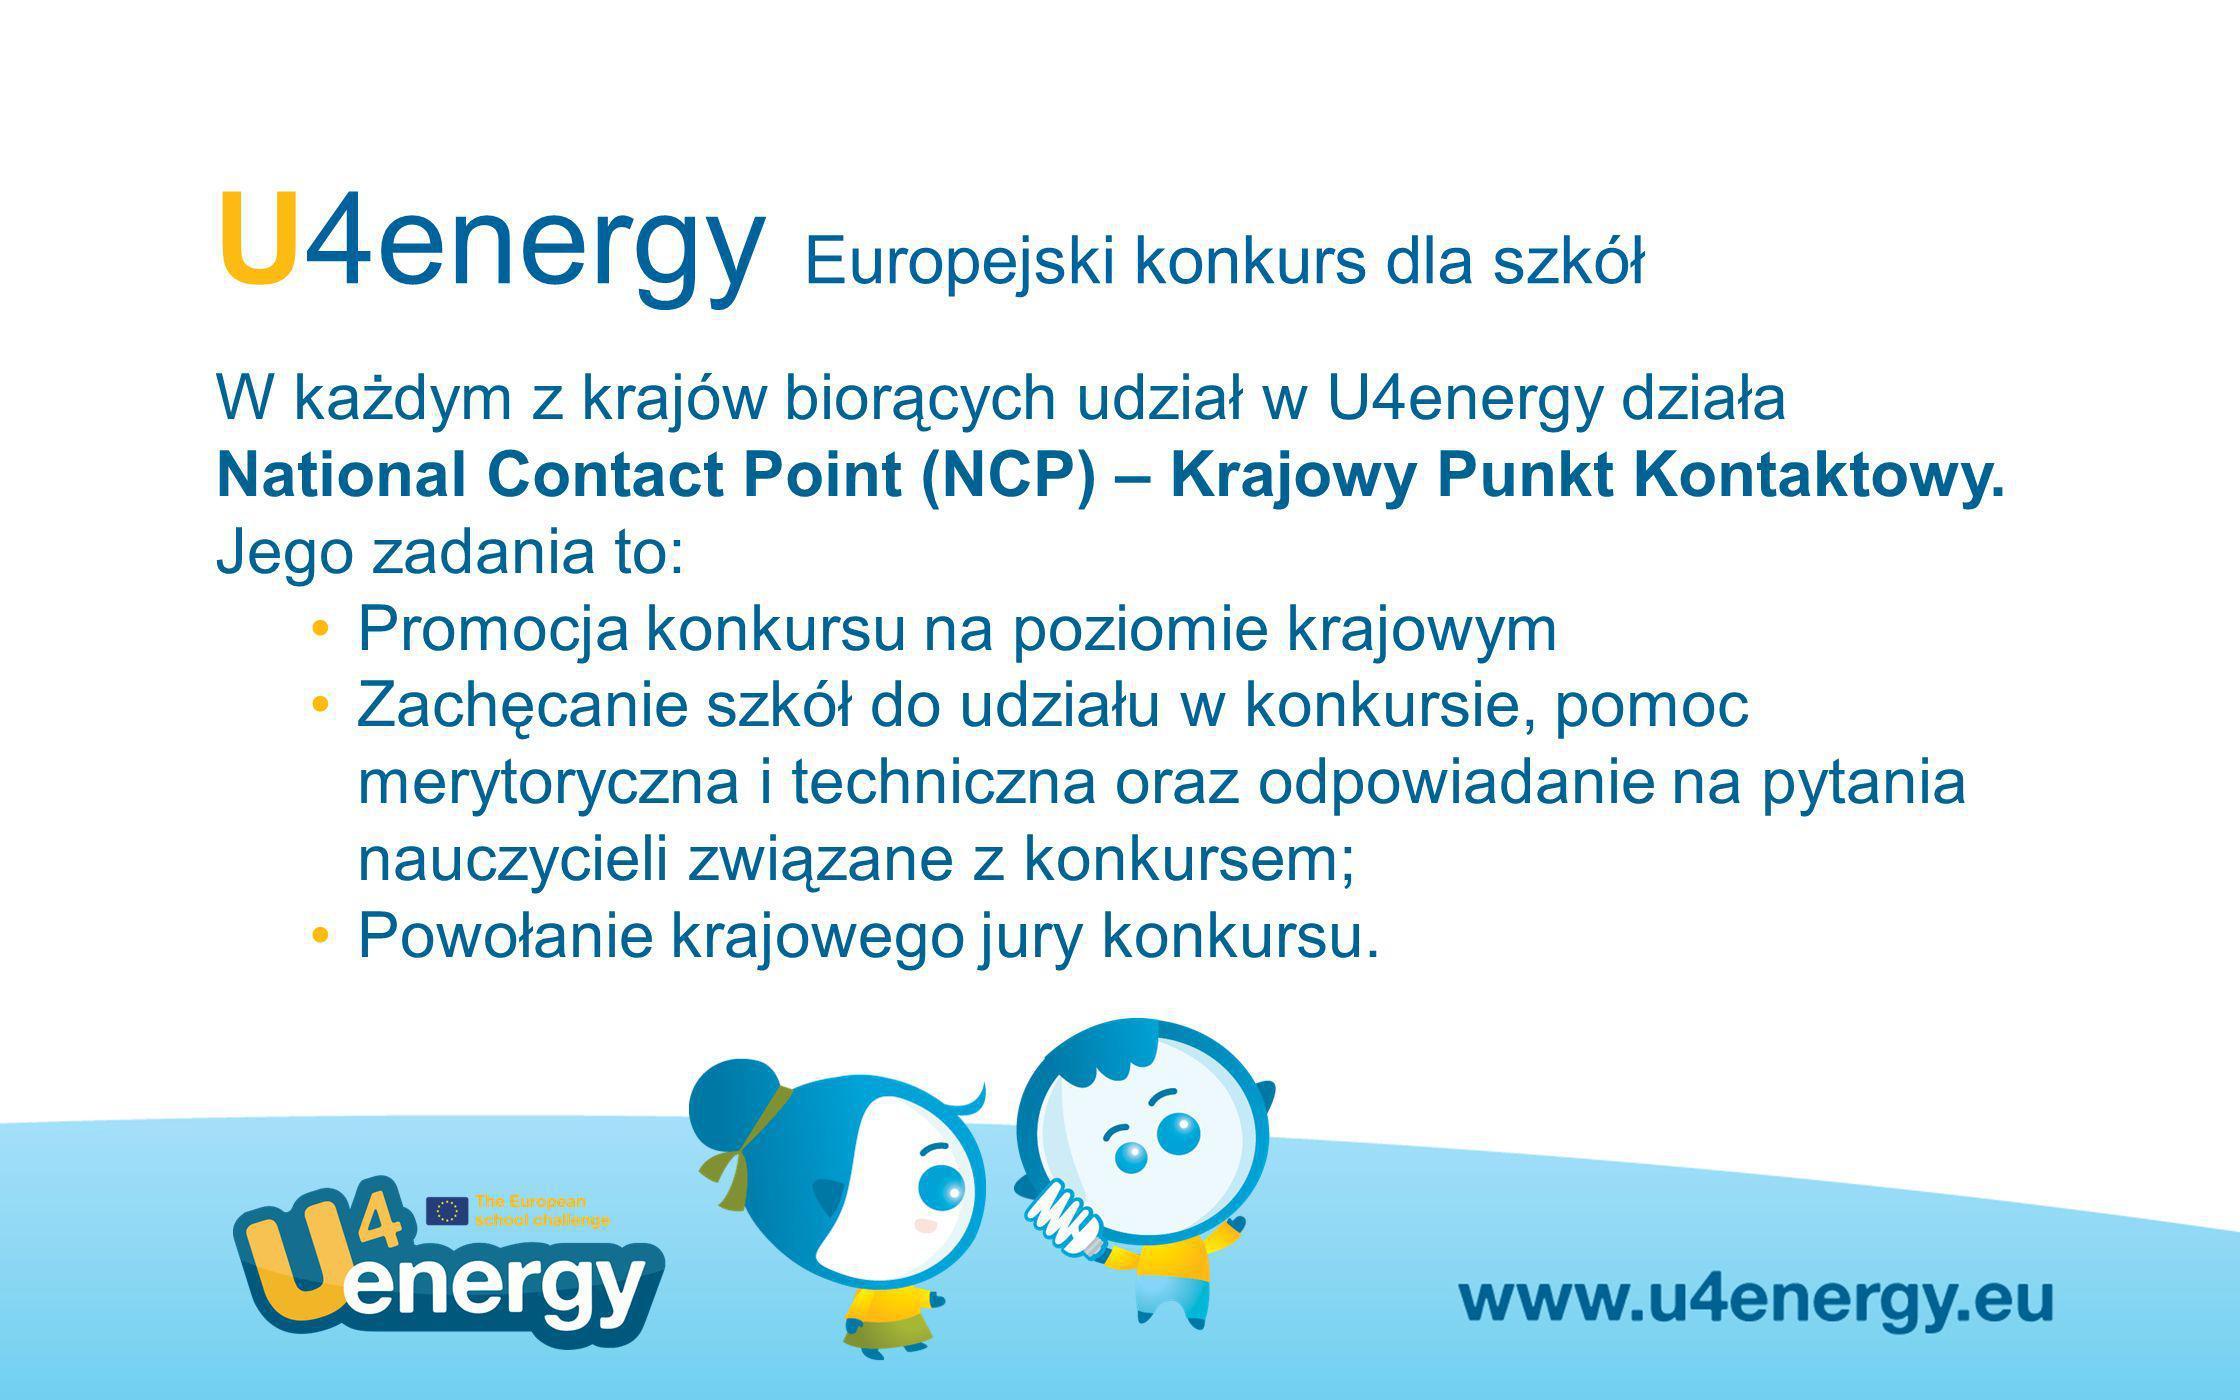 U4energy Europejski konkurs dla szkół W każdym z krajów biorących udział w U4energy działa National Contact Point (NCP) – Krajowy Punkt Kontaktowy. Je